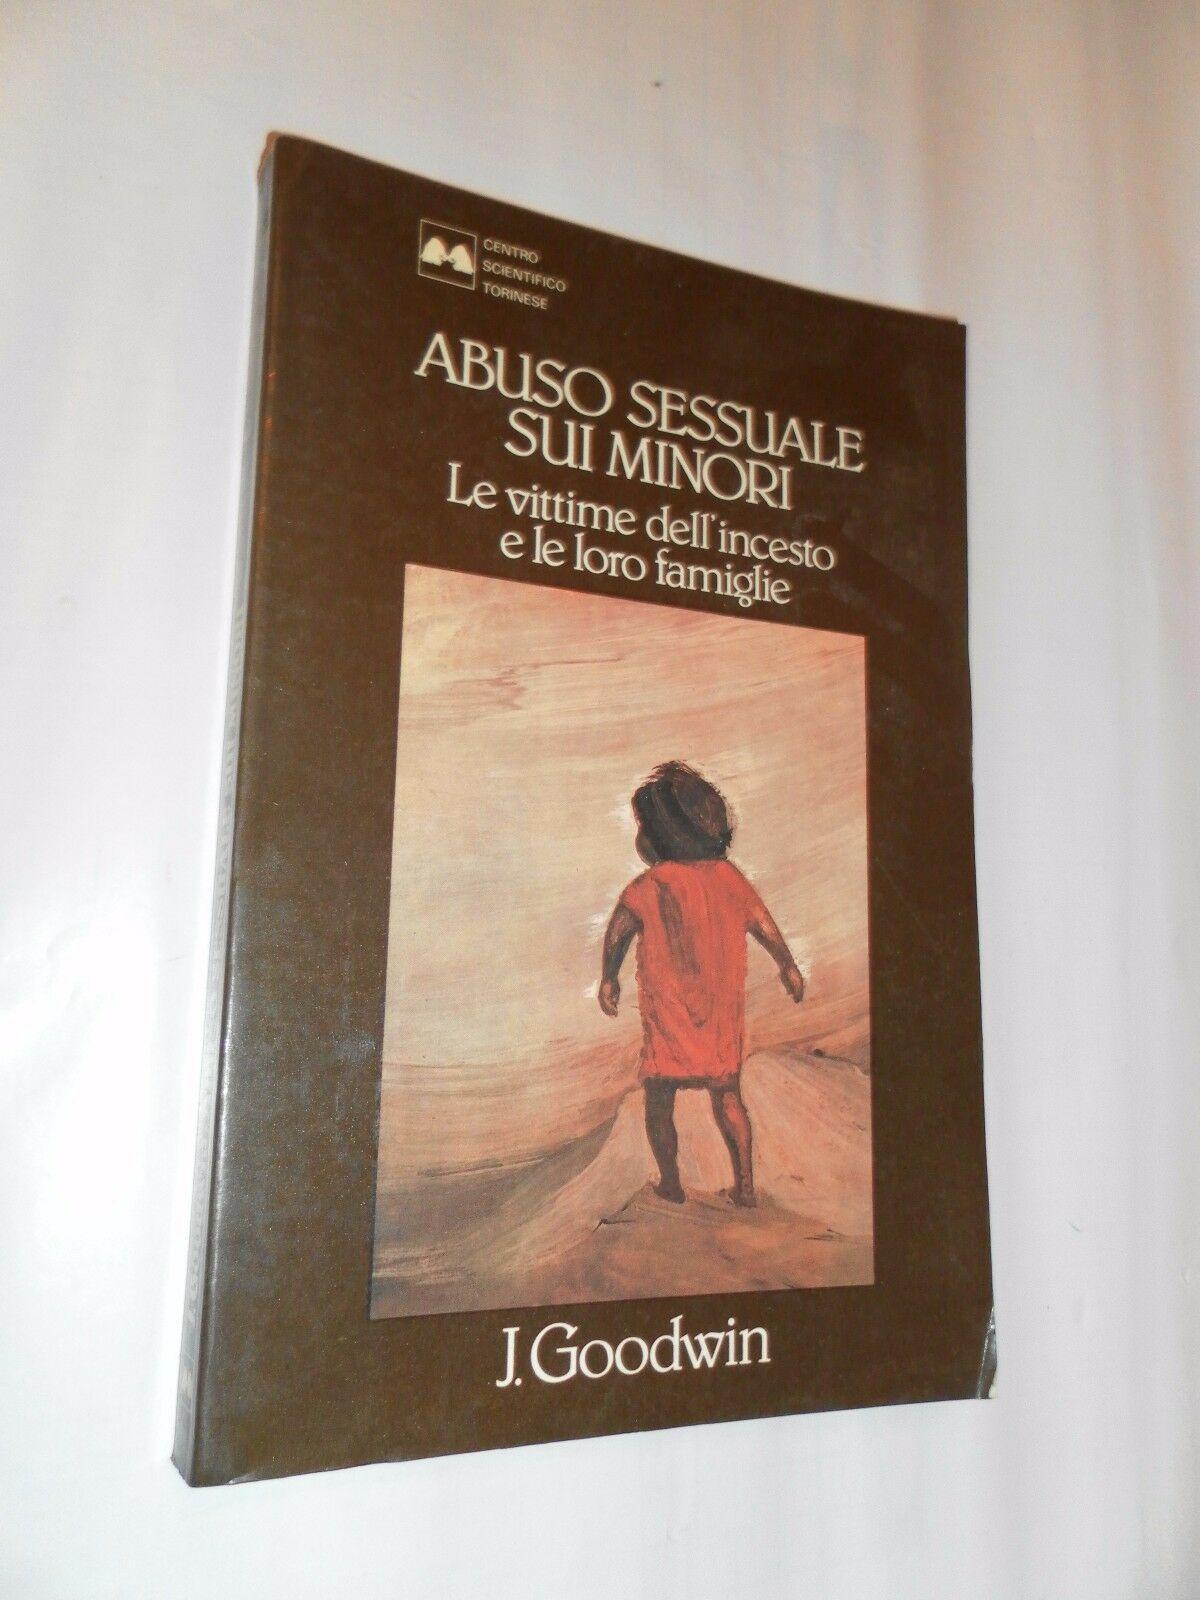 ABUSO SESSUALE SUI MINORI - LE VITTIME DELL'INCESTO E LE LORO FAMIGLIE - GOODWIN